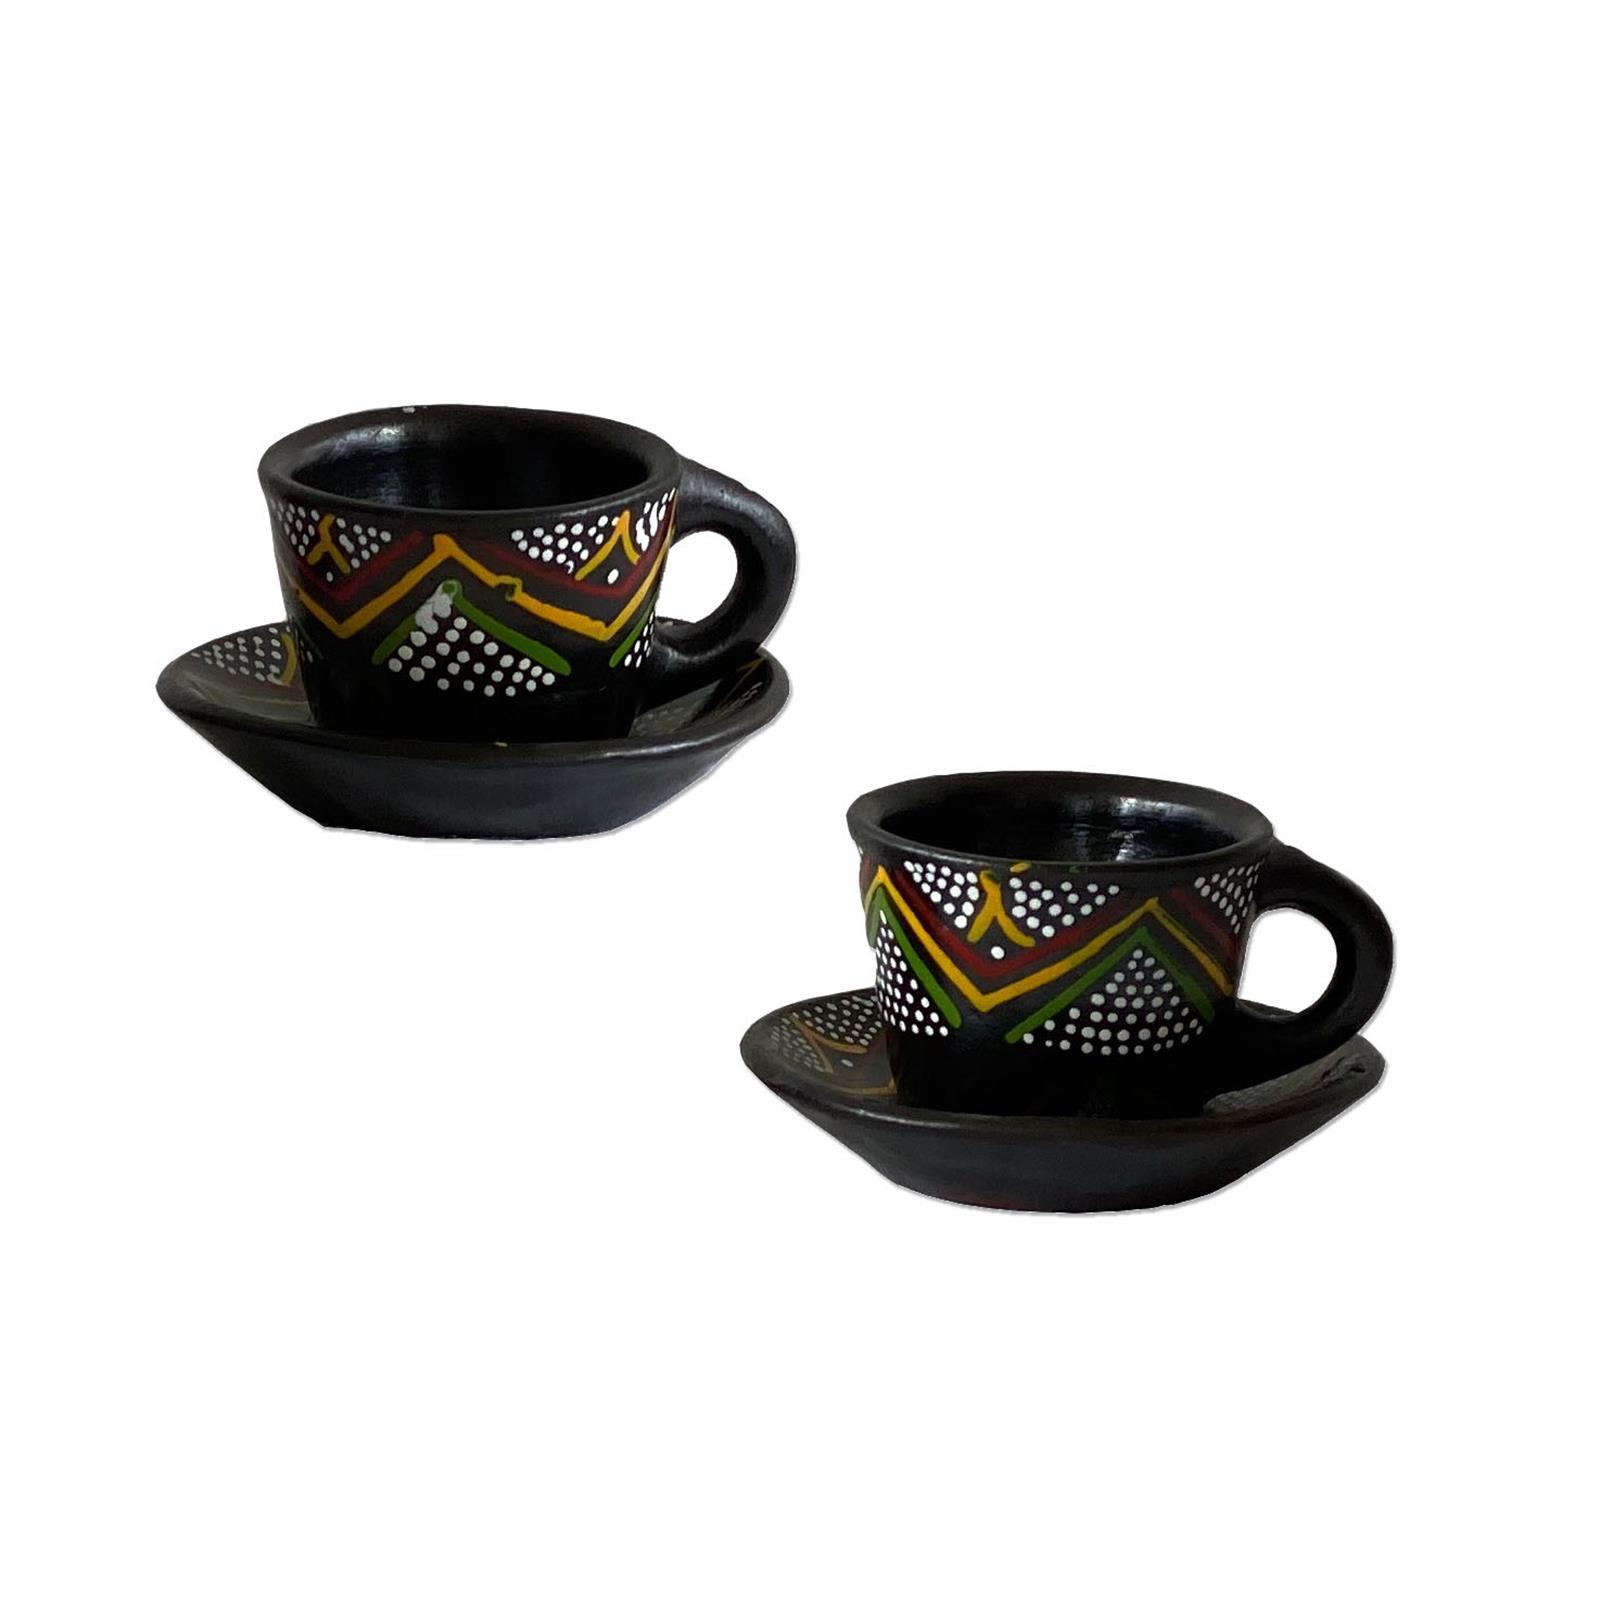 Afrikanske espresso kopper laget av tre